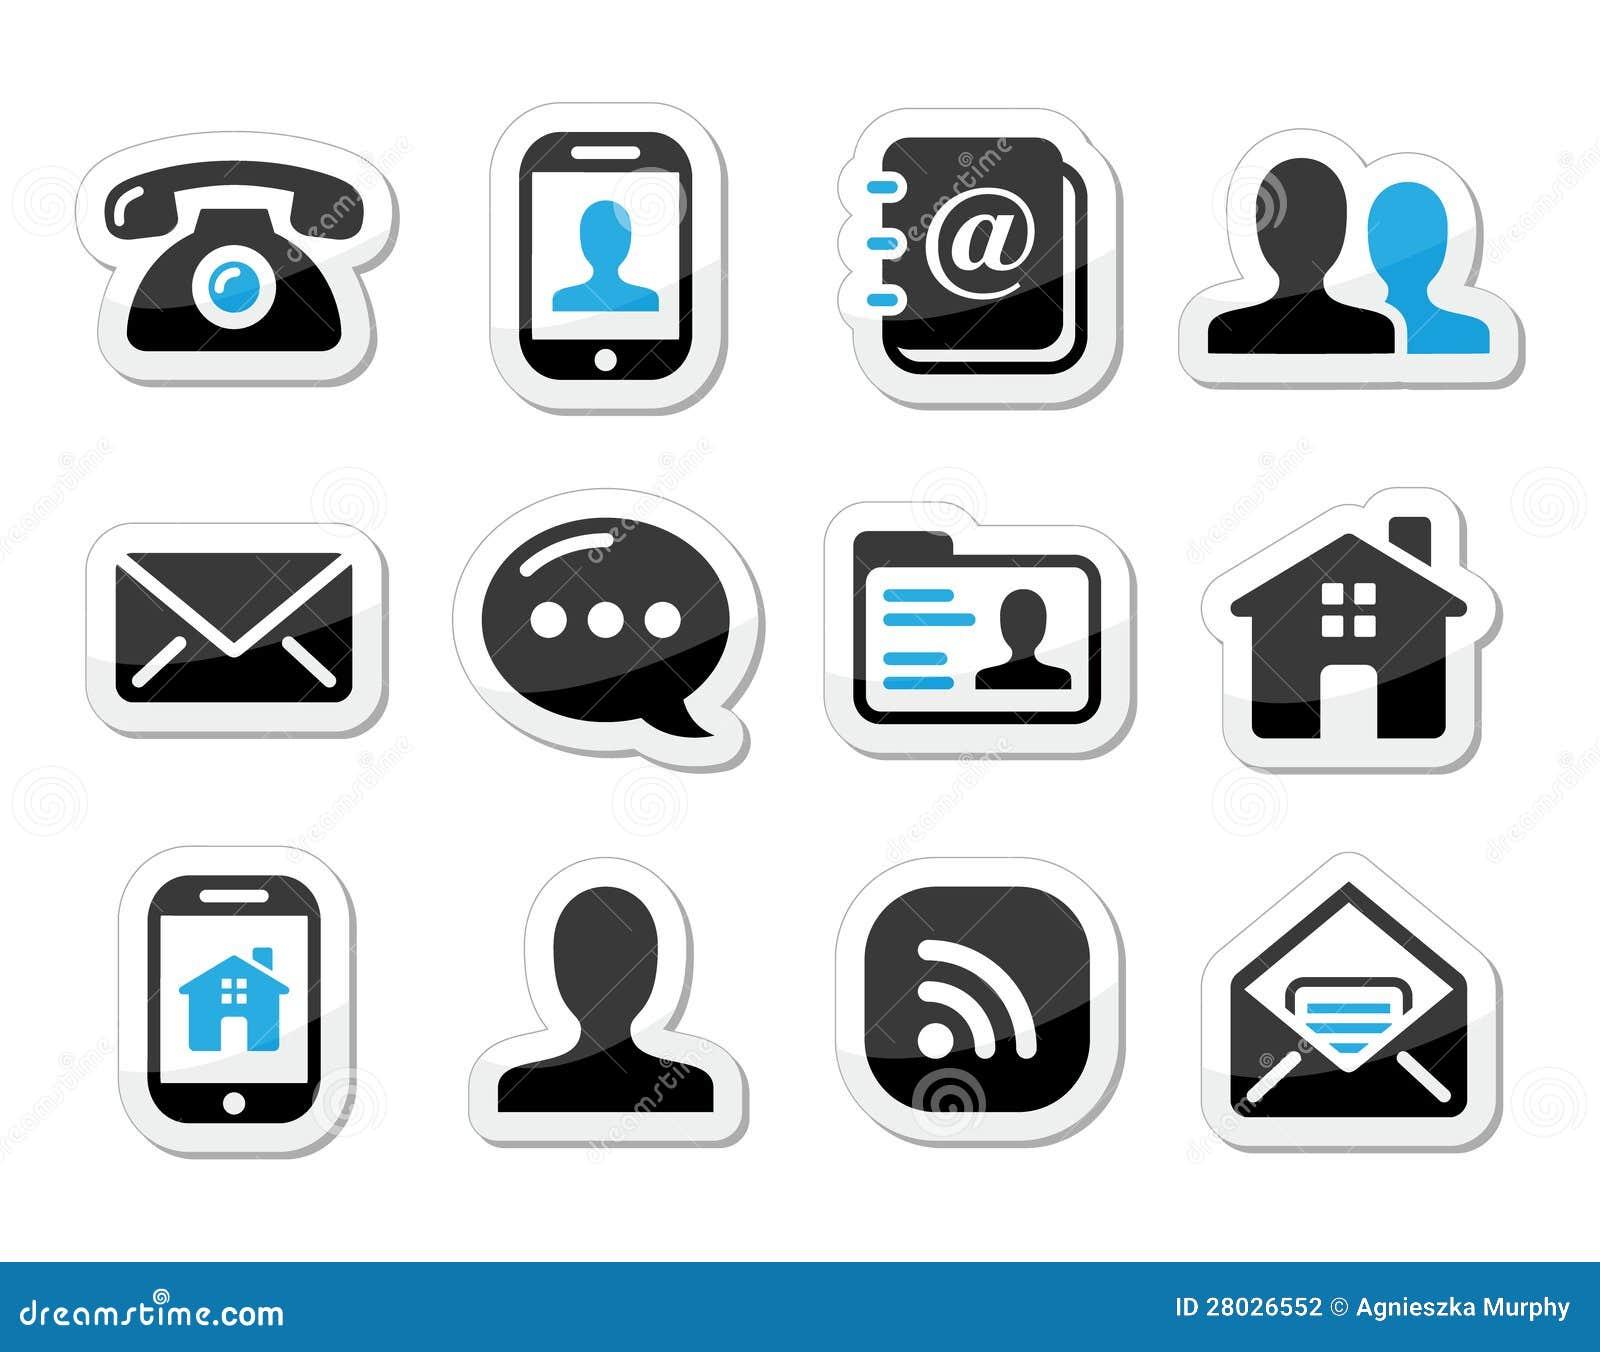 Icone del contatto impostate come contrassegni cellulare for Telefono oficina de correos